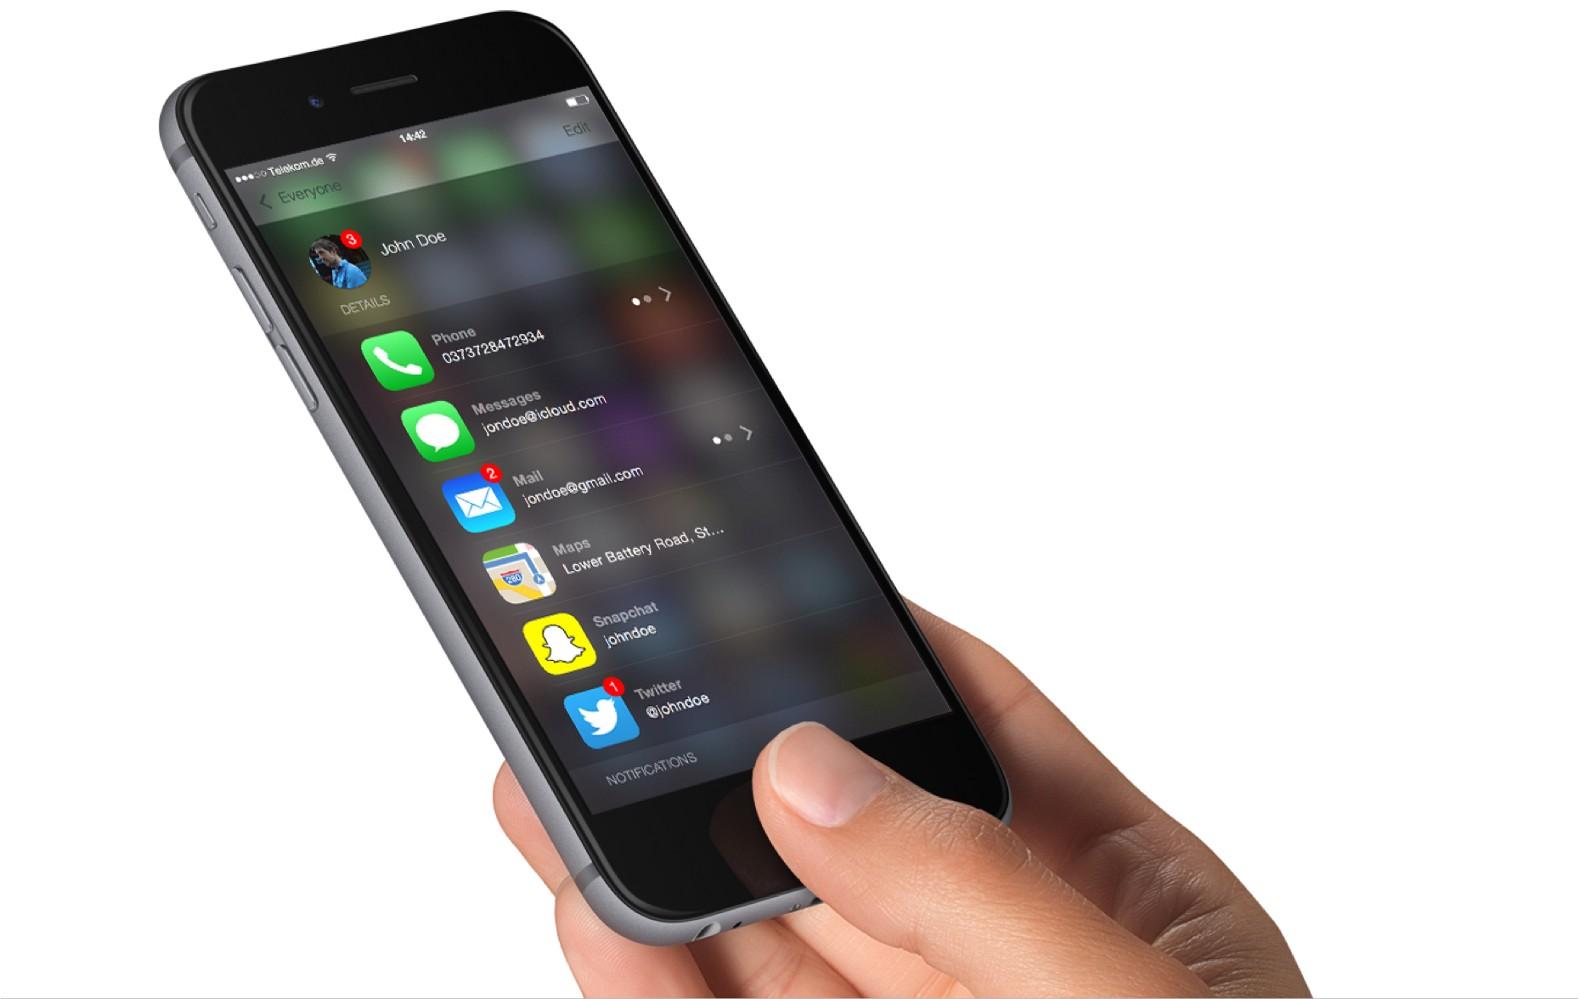 Contatti su iOS, migliorare l'app per iPhone si può